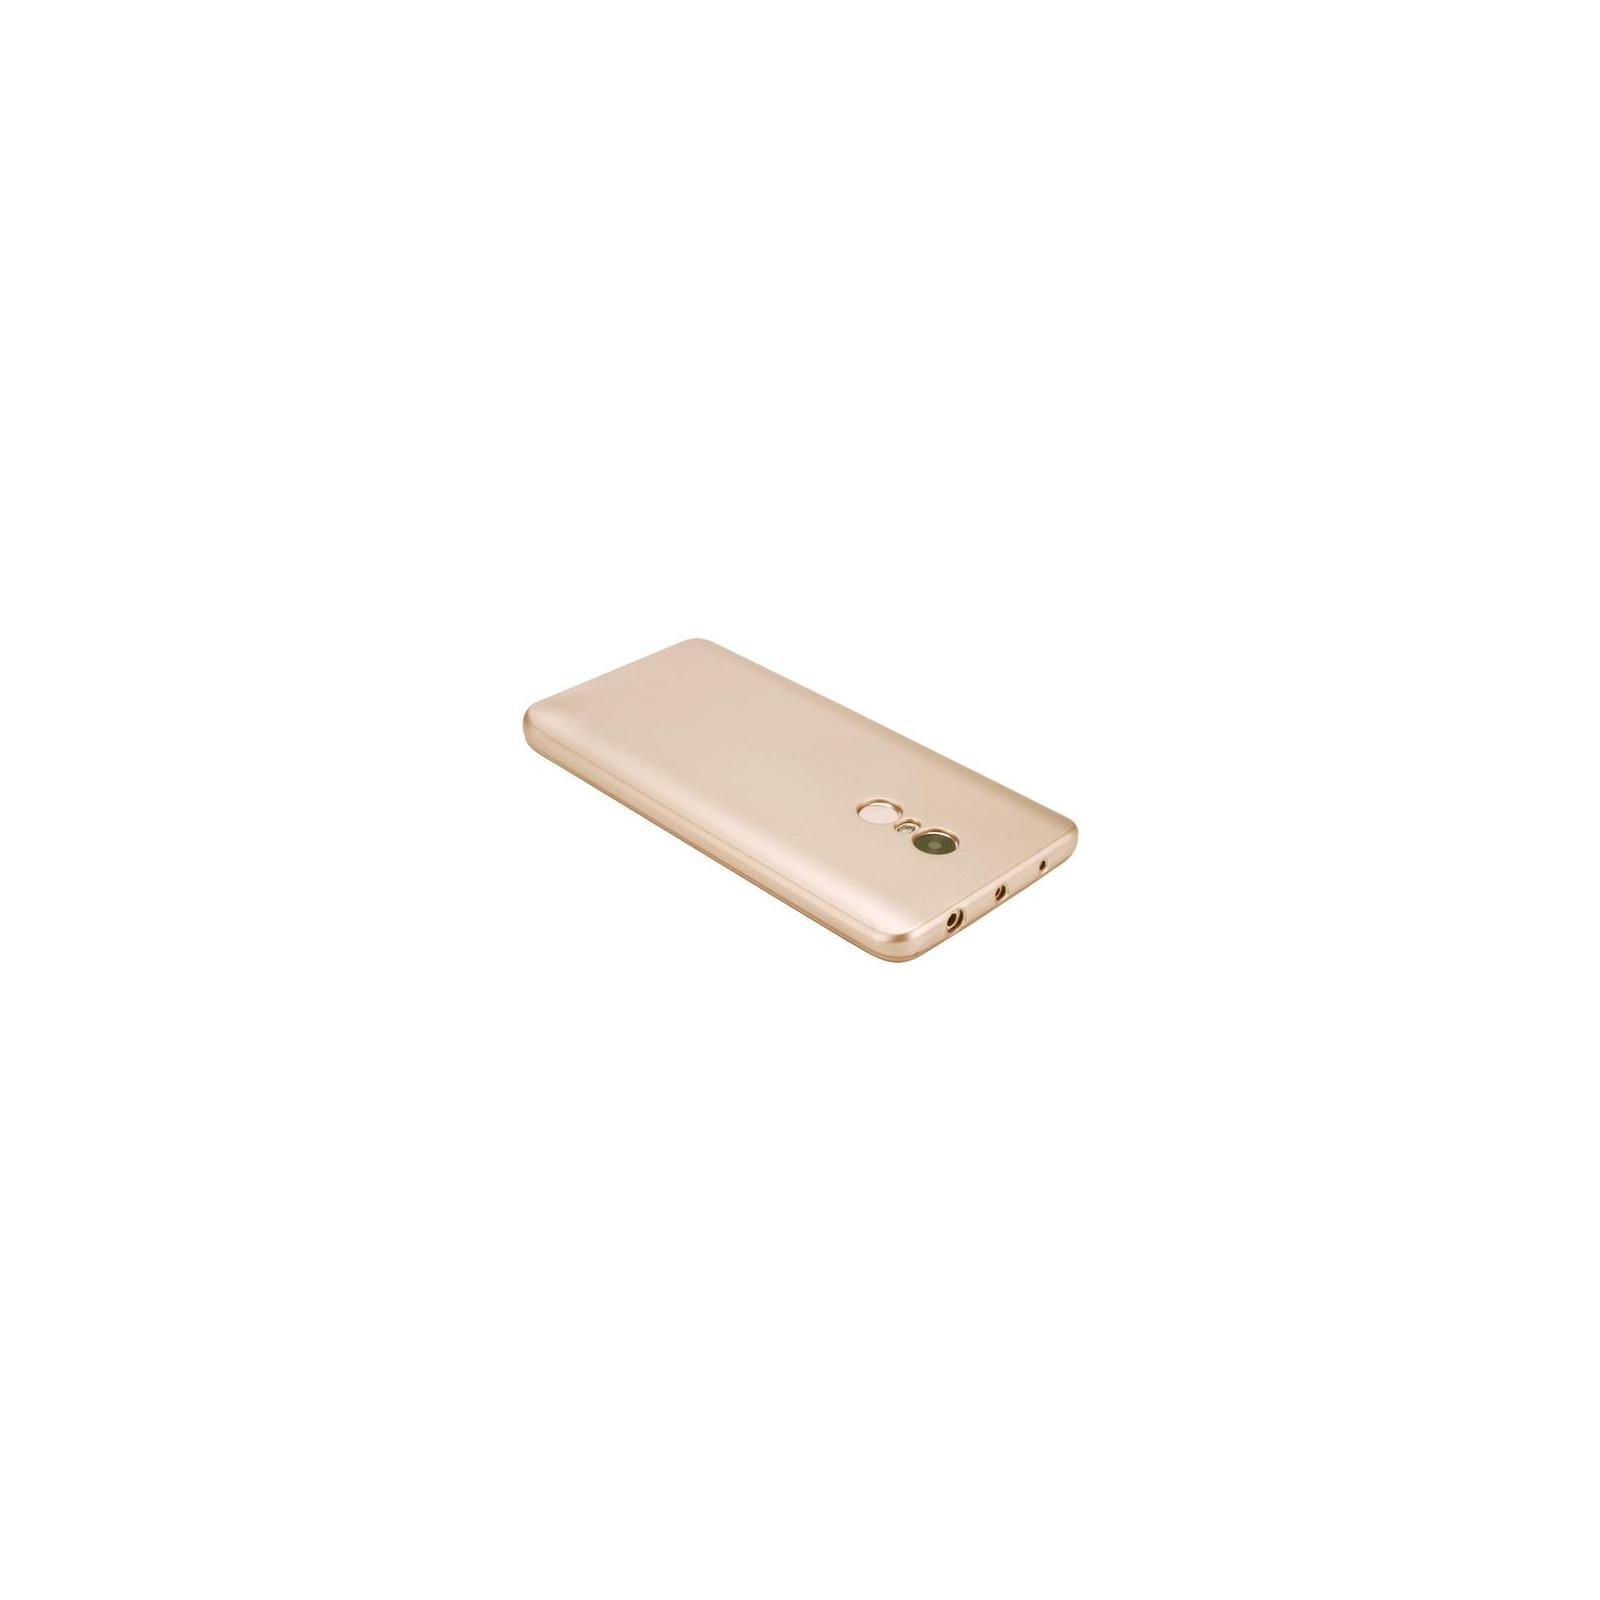 Чехол для моб. телефона T-Phox для XIAOMI REDMI NOTE 4 - SHINY (GOLD) (6361816) изображение 4